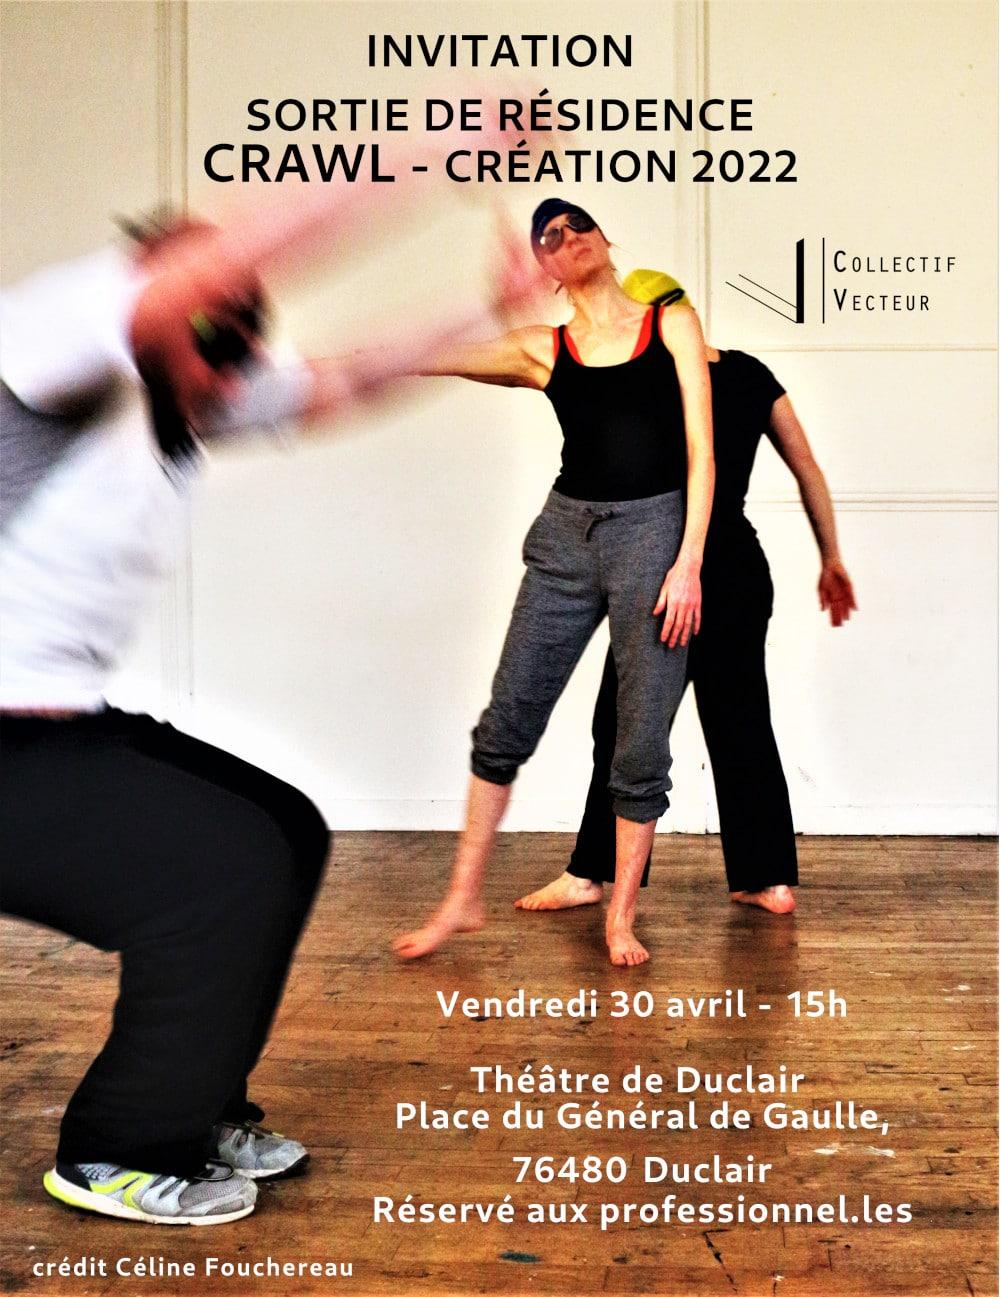 résidence création crawl invitation duclair danse